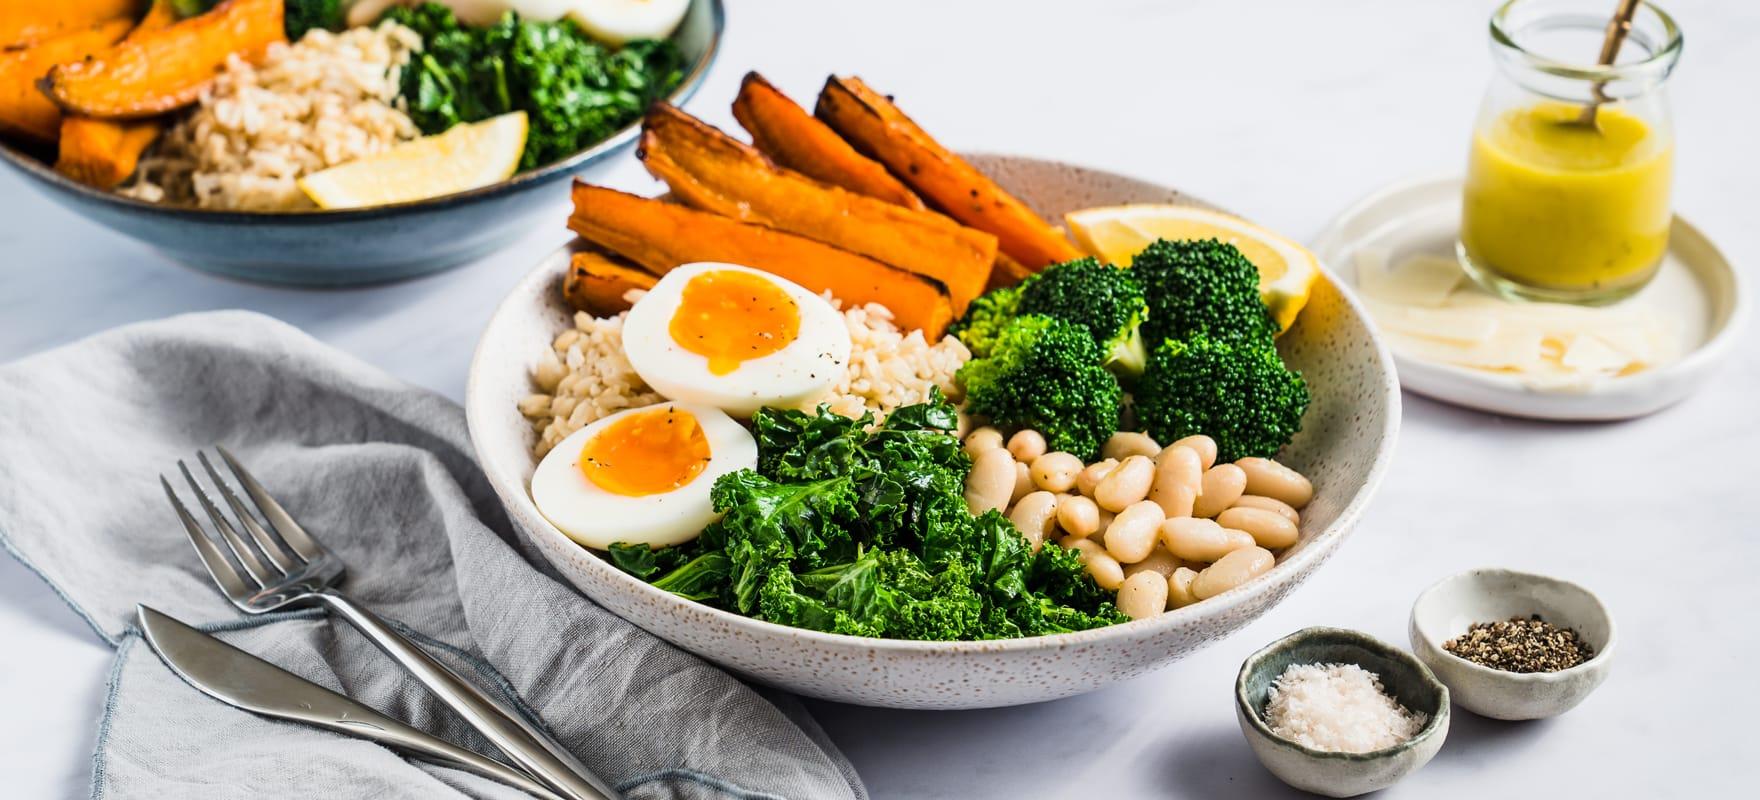 Vegetarian Nourish Bowl image 2